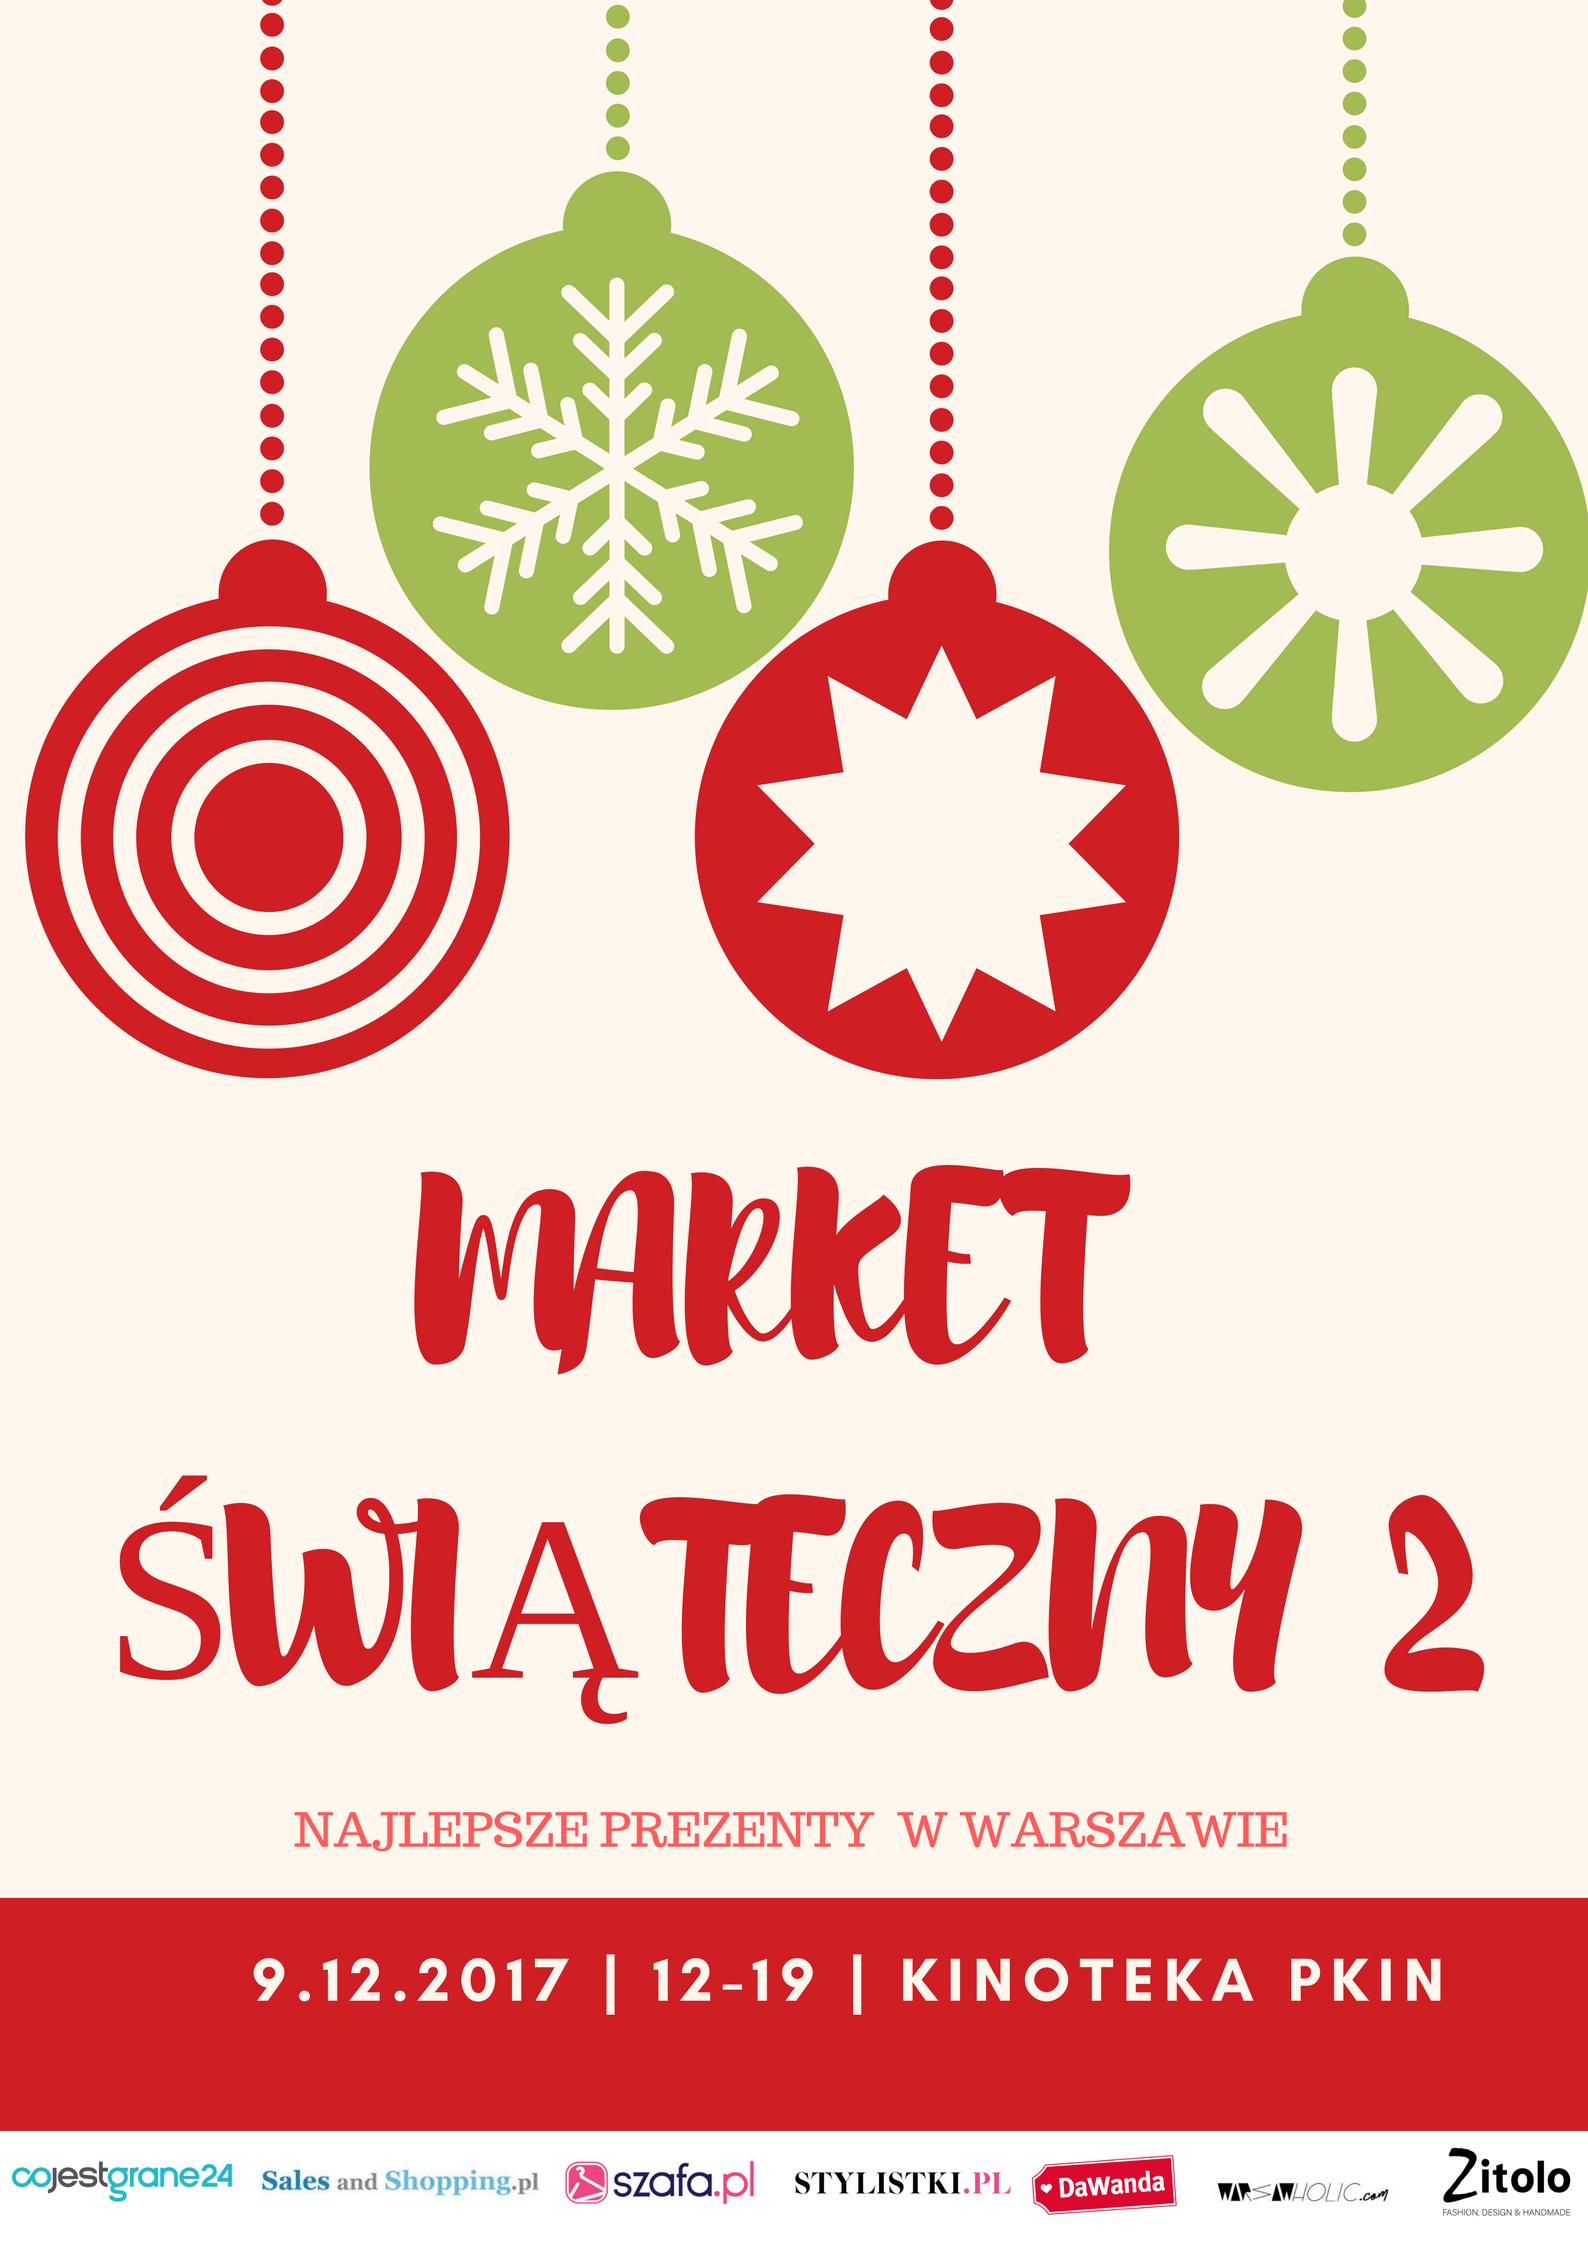 Market Świąteczny w Warszawie 9 grudnia 2017